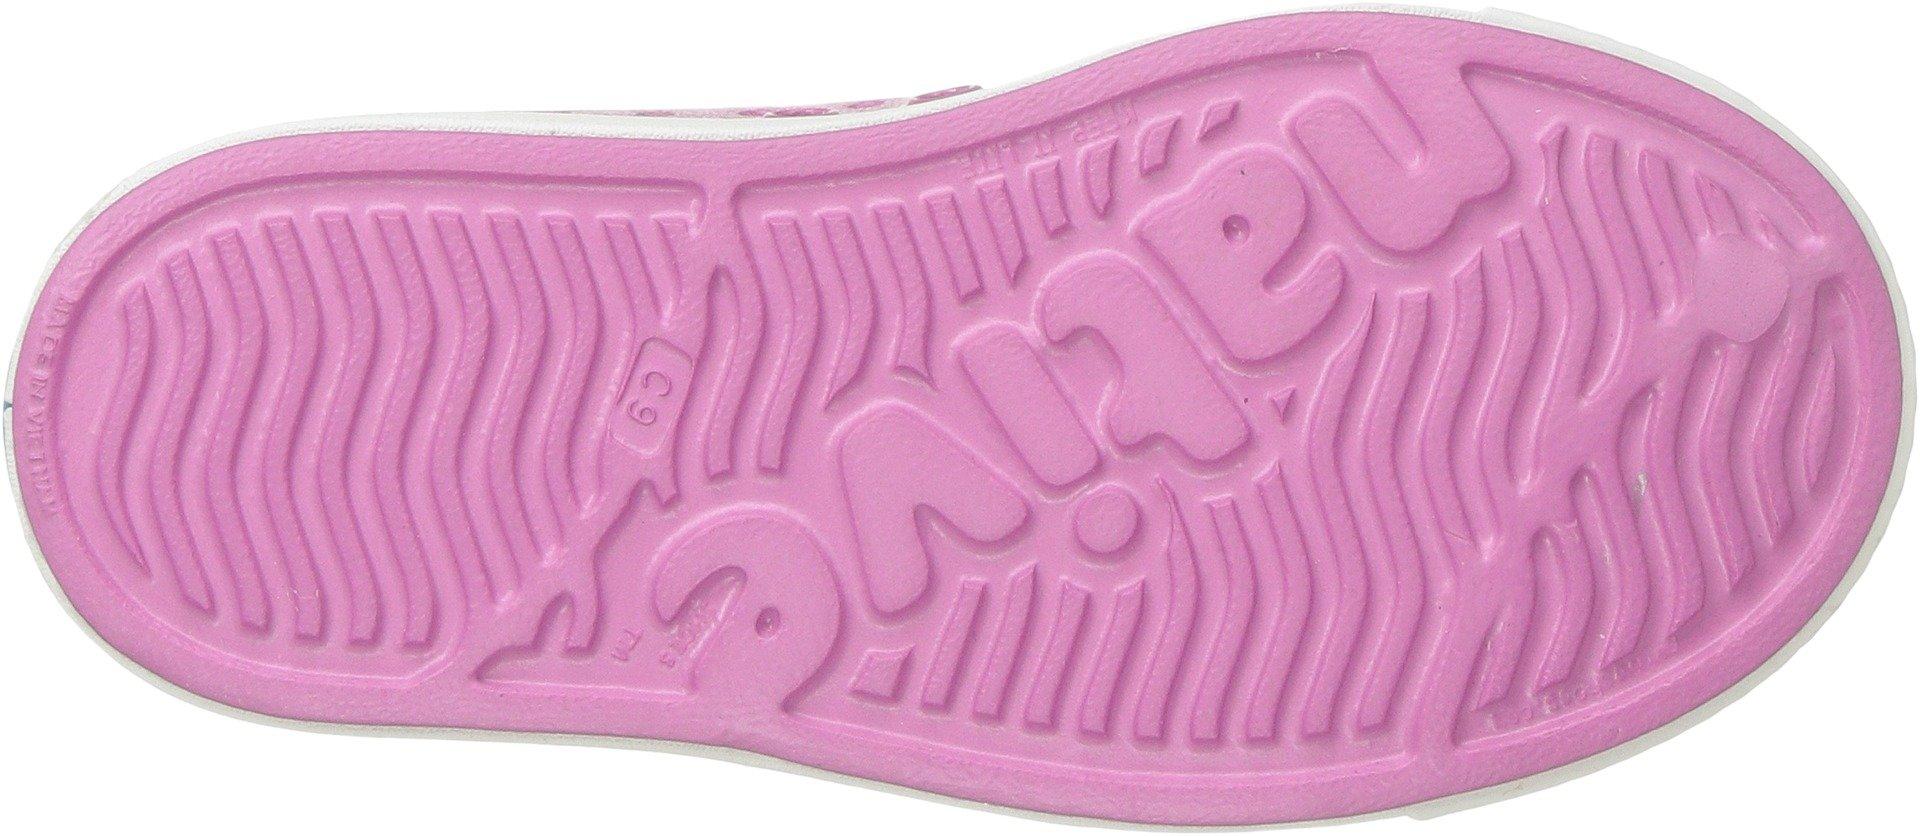 Malibu Pink//Shell White//Galaxy Iridescent 7 Medium US Toddler native Kids Jefferson Iridescent Child Shoe